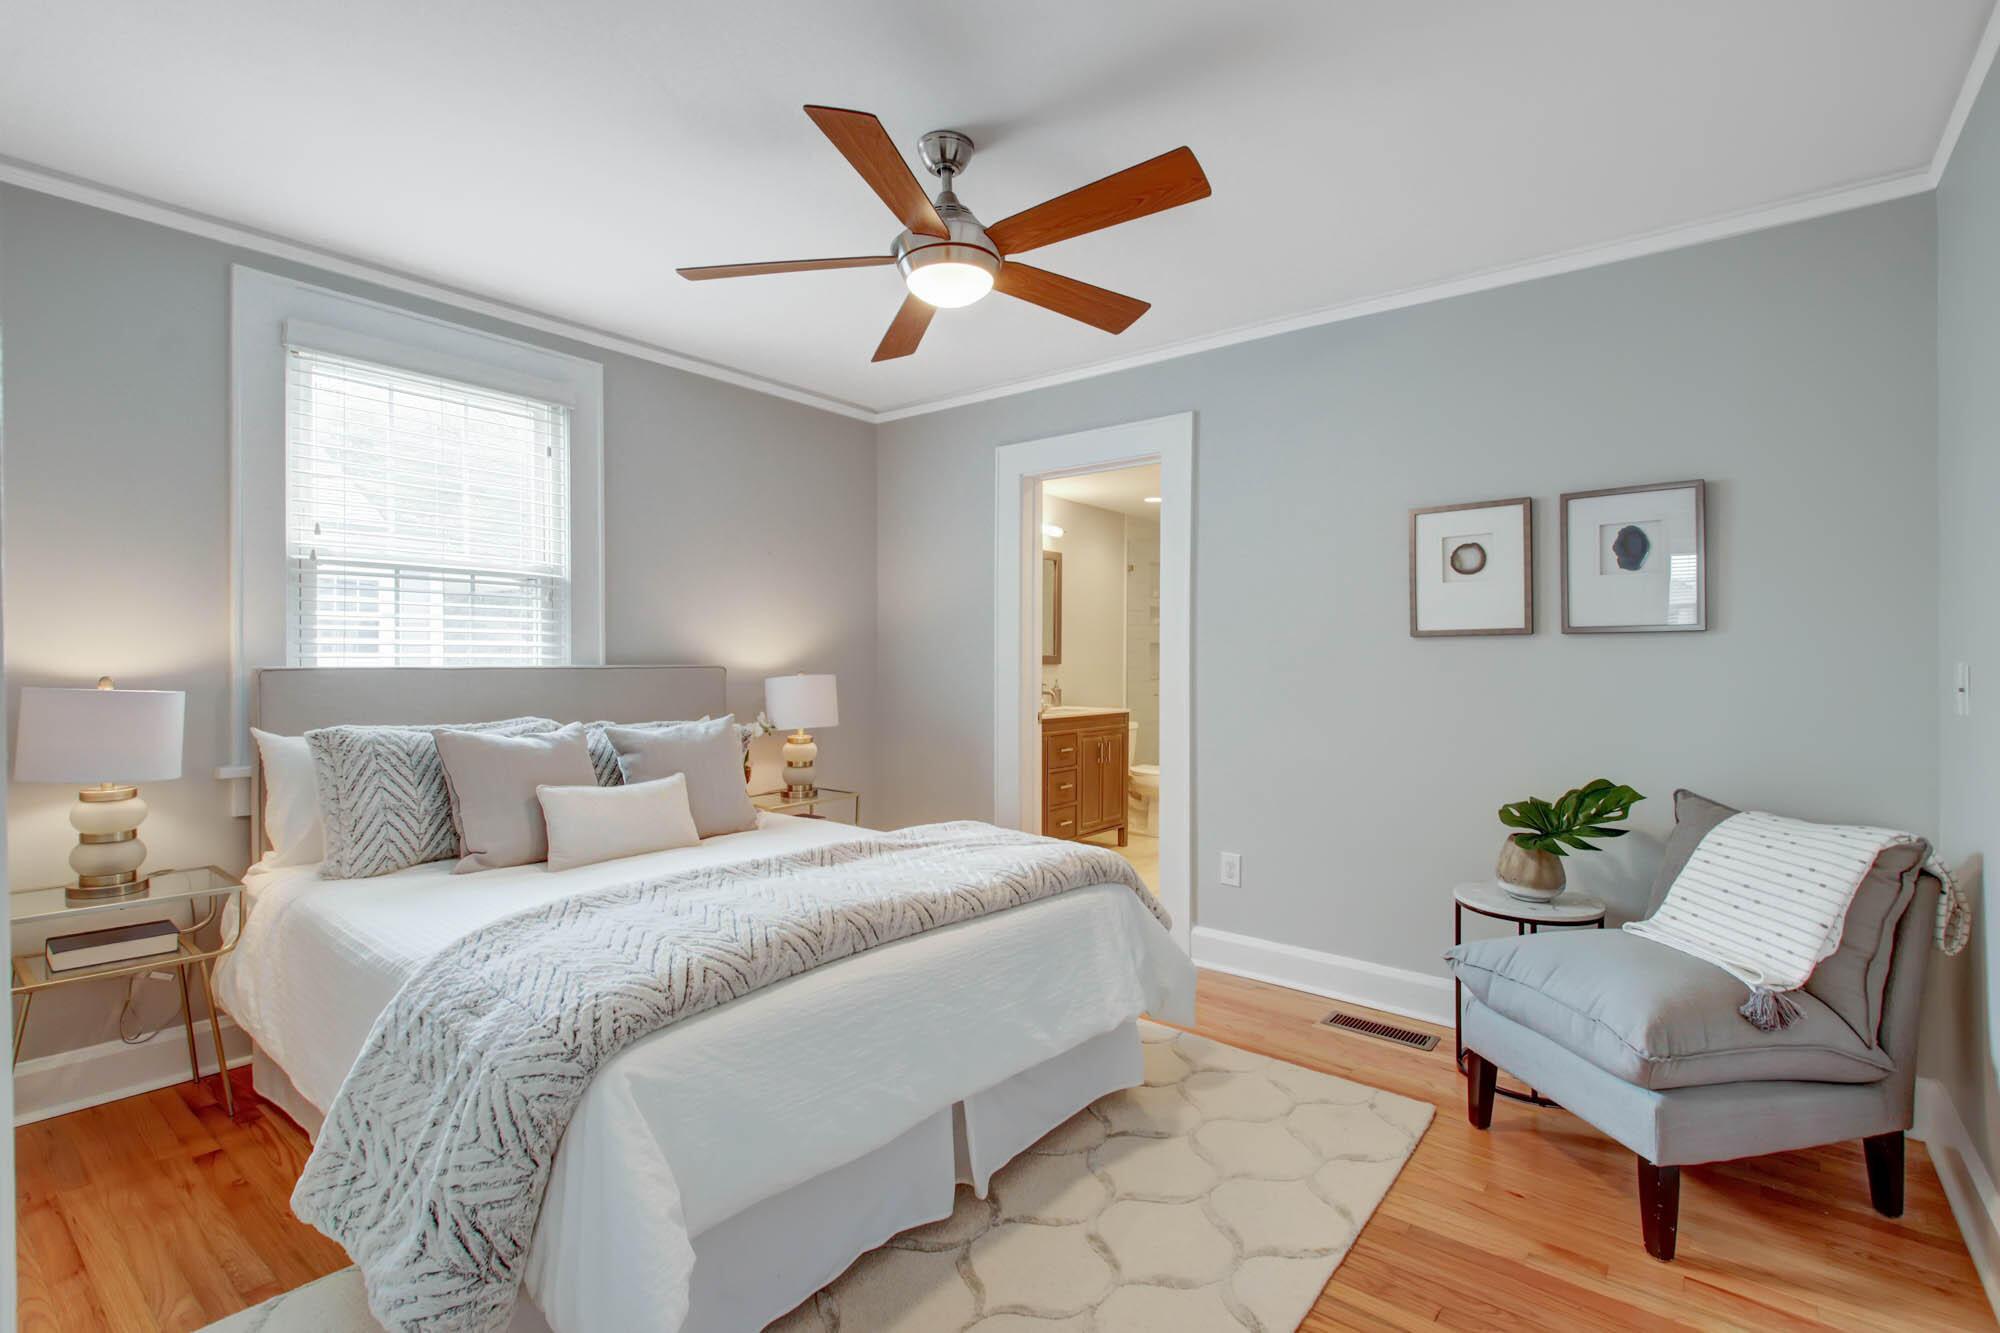 Avondale Homes For Sale - 57 Avondale, Charleston, SC - 7